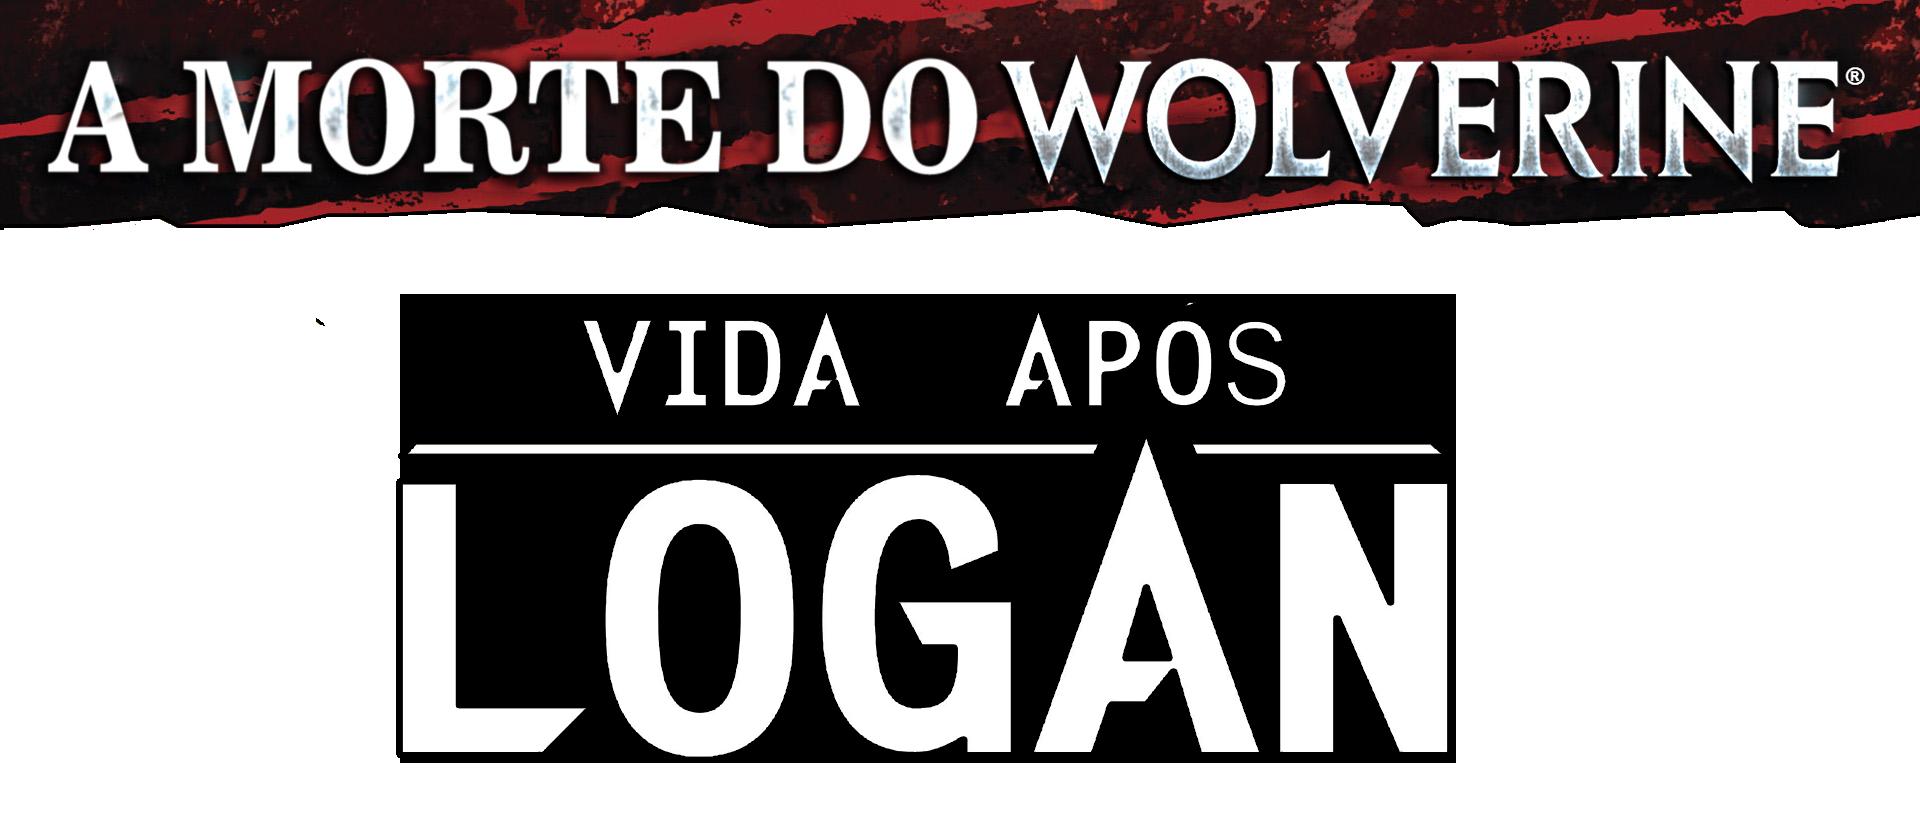 A Morte do Wolverine: A Vida Após Logan Vol 1